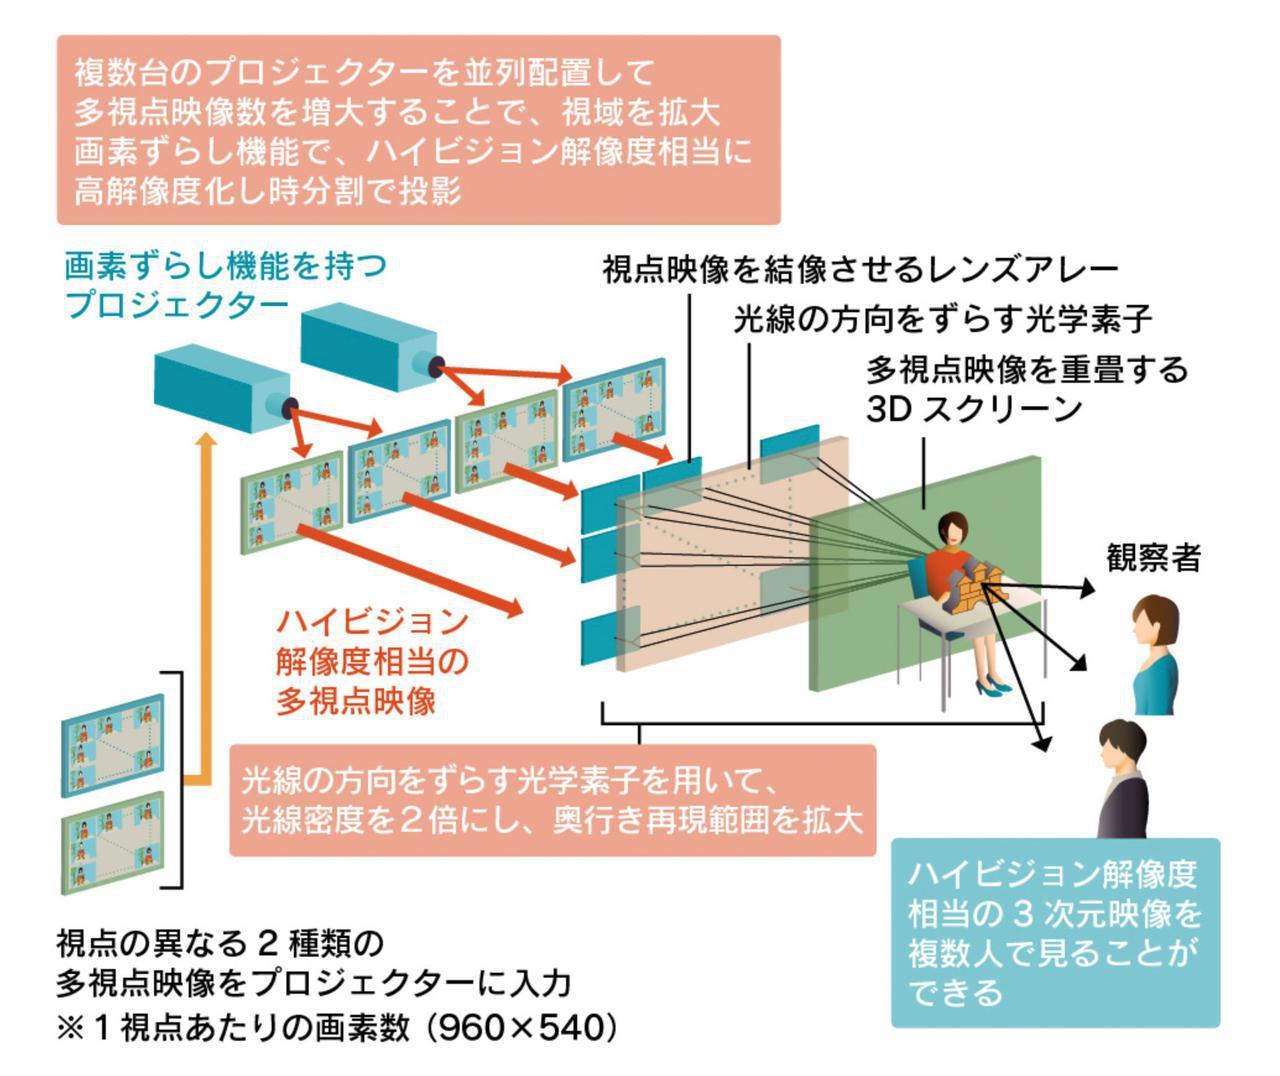 画像1: NHK「技研公開2021オンライン」は興味深い研究が満載! 私が注目した4つのテーマを深掘りした(前):麻倉怜士のいいもの研究所 レポート52